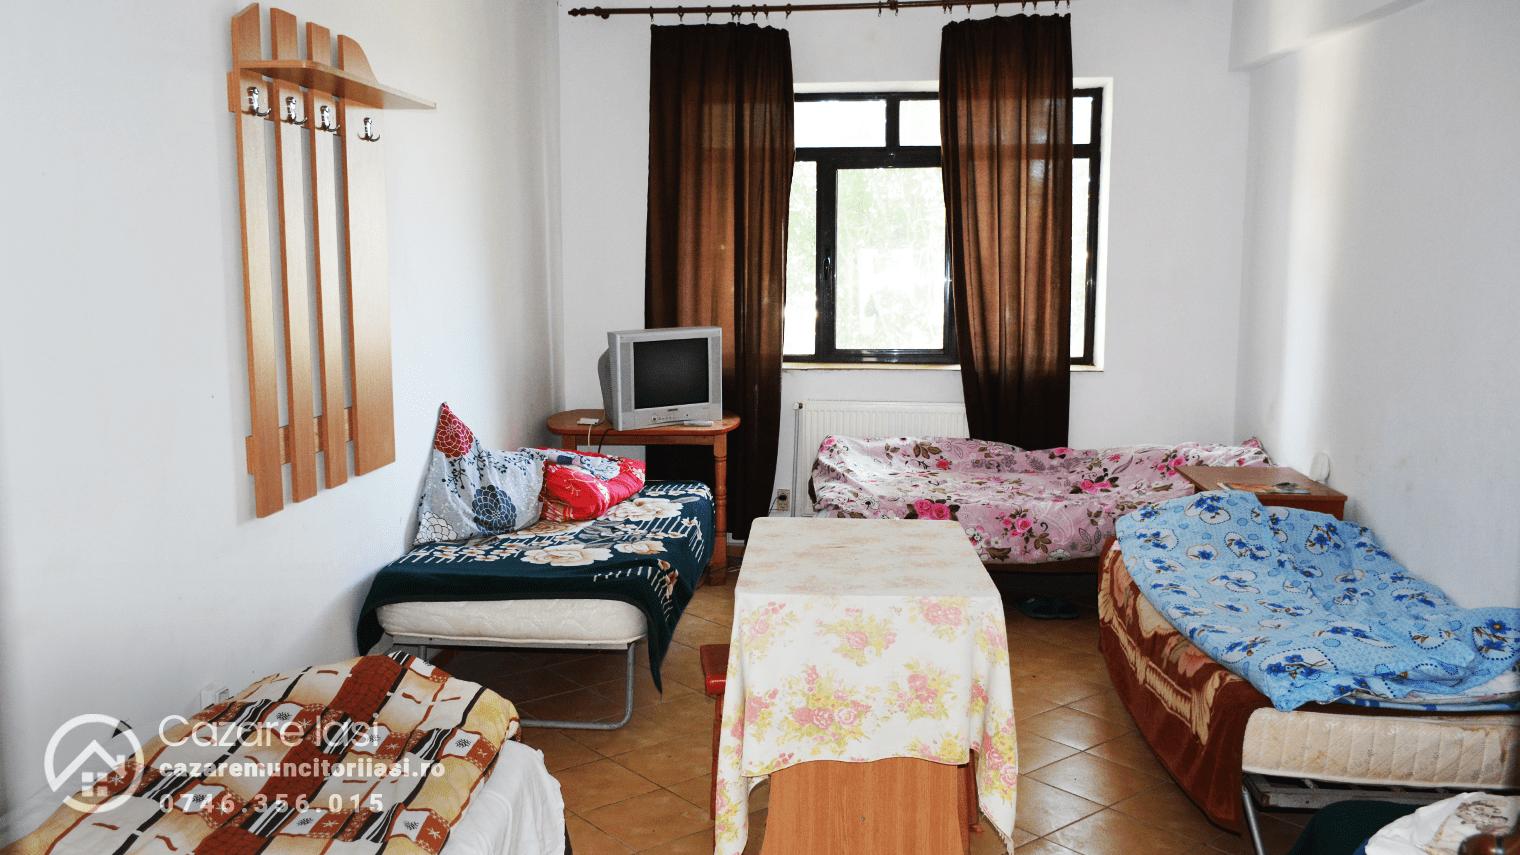 imagini hostel Iasi 3x